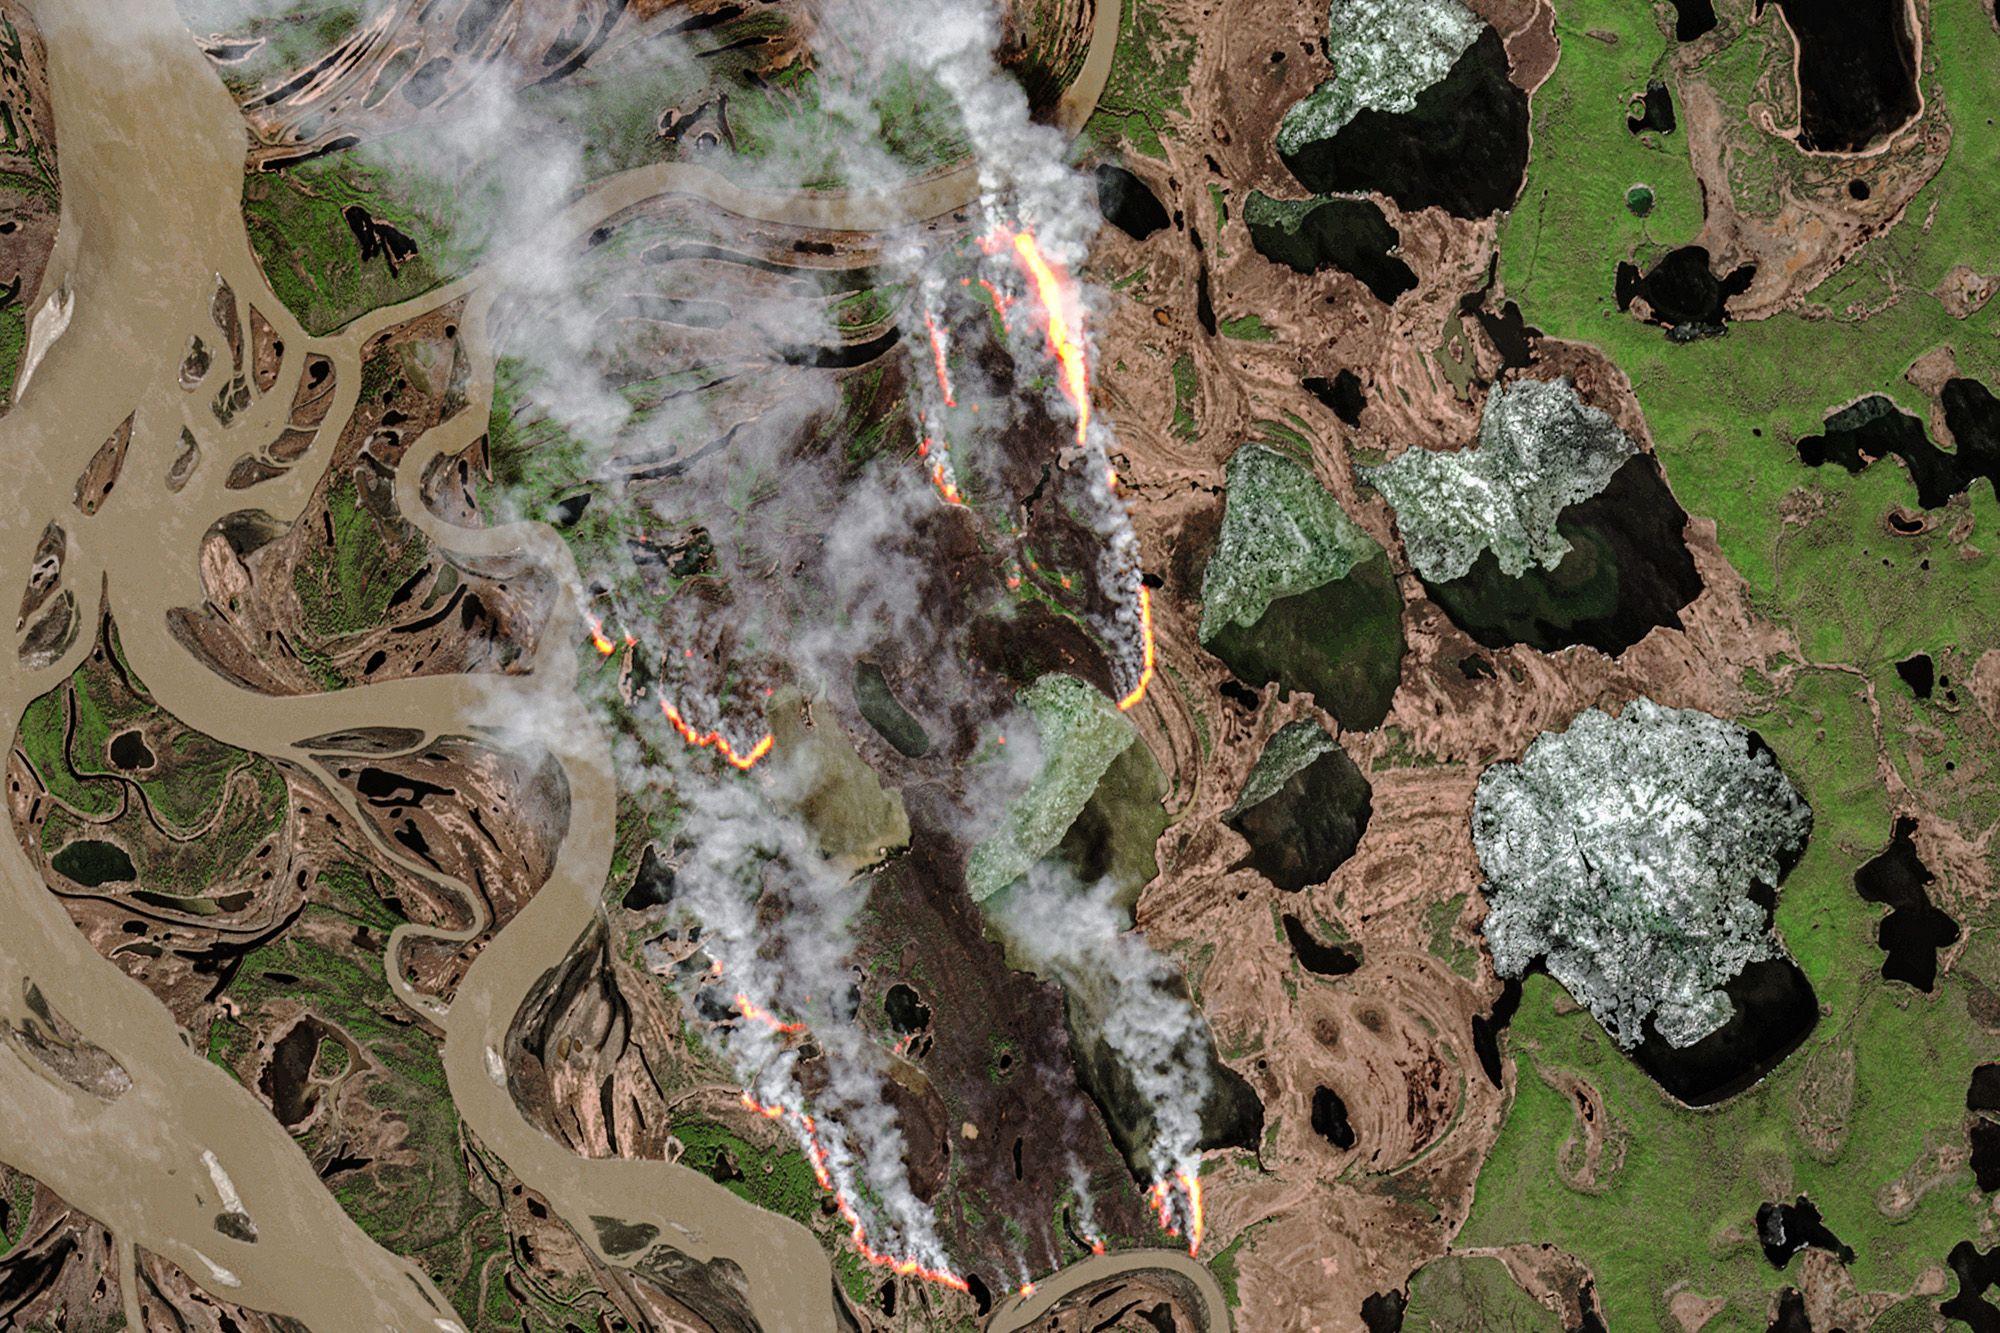 پیوند آتشسوزیهای وحشتناک «زامبی» در شمالگان و تغییر اقلیم: همه چیز قربانی آزمندی بشر